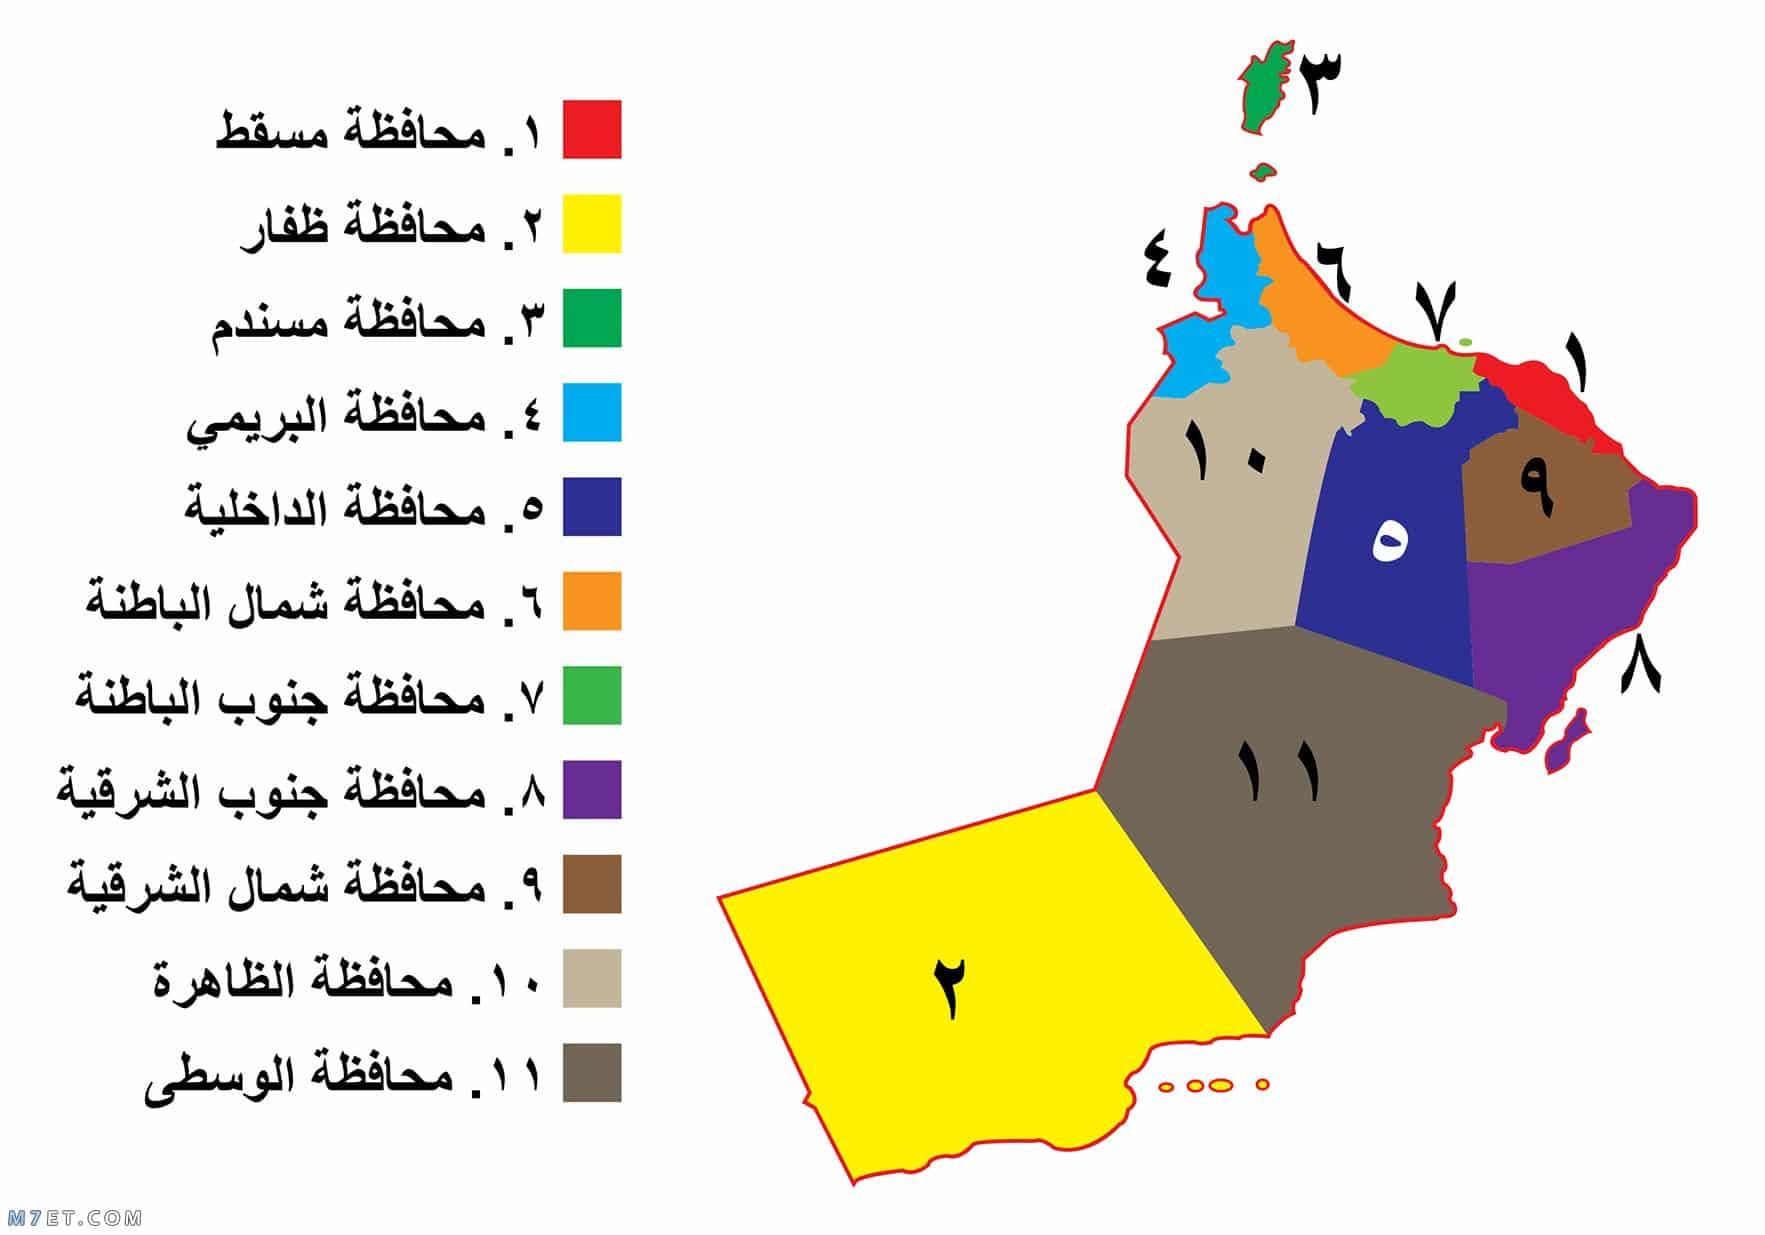 خريطة عمان بالمحافظات